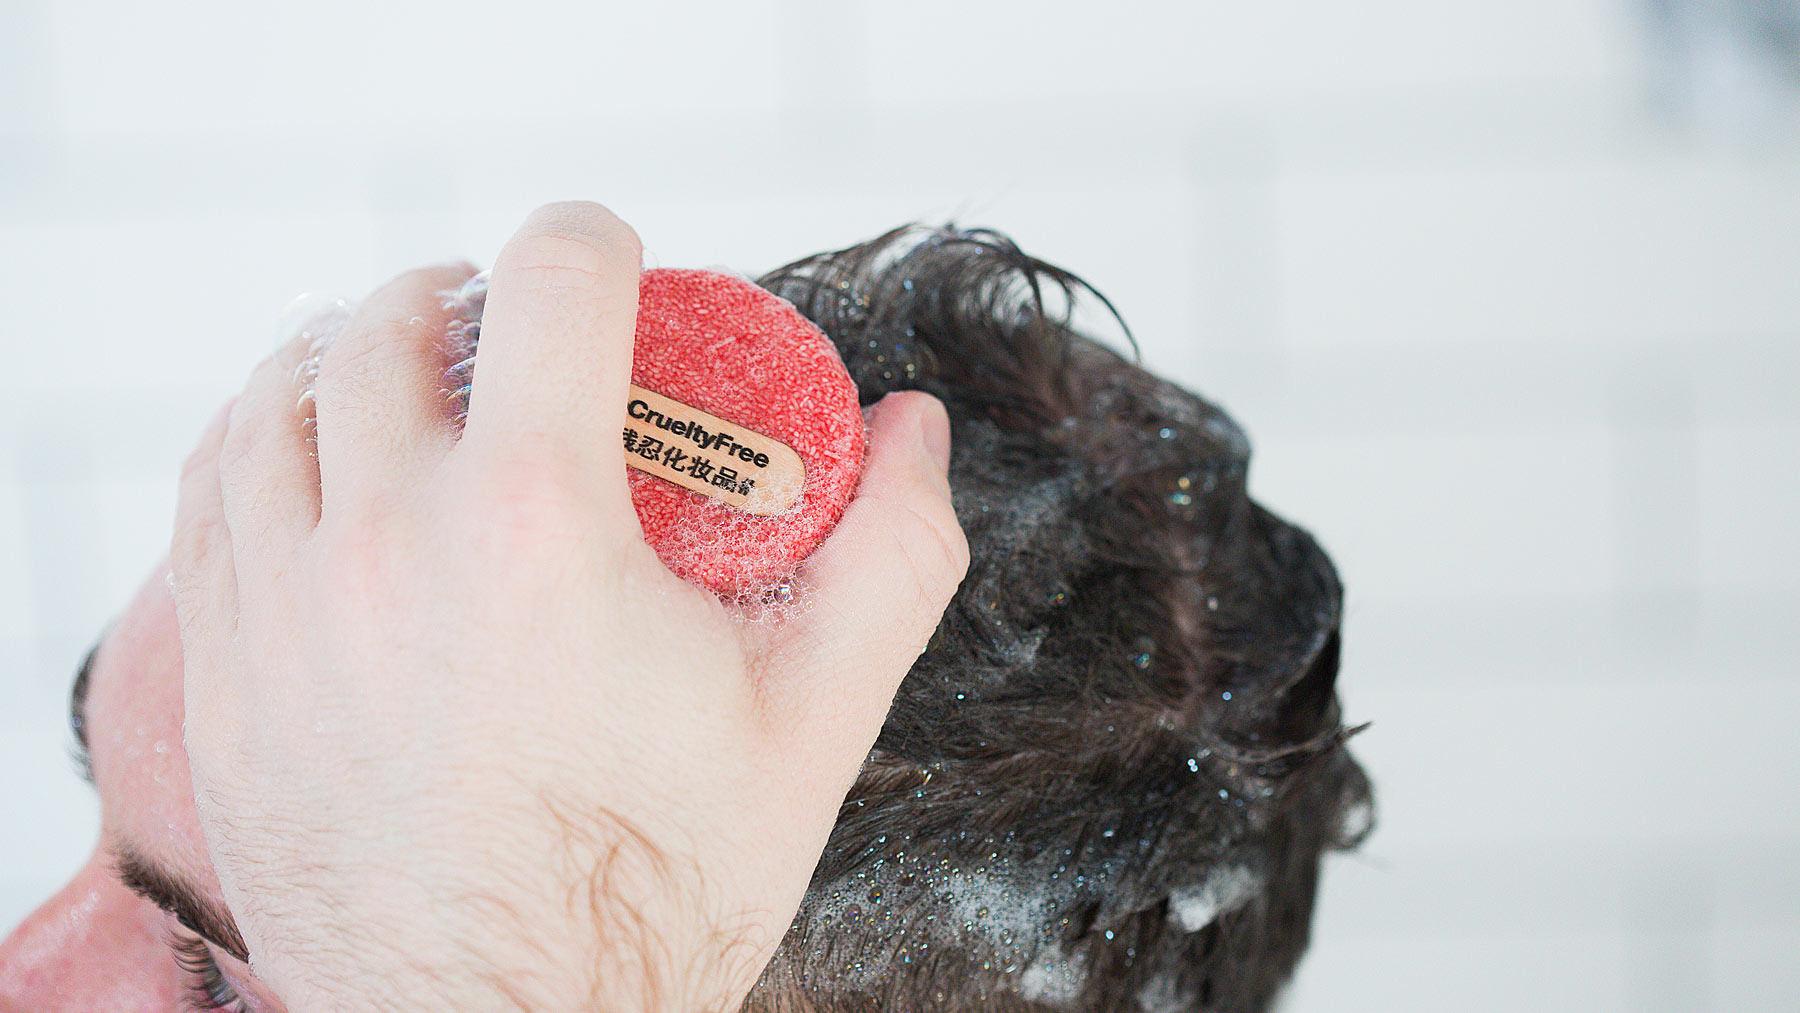 Una persona utilizza lo shampoo solido New sui suoi capelli